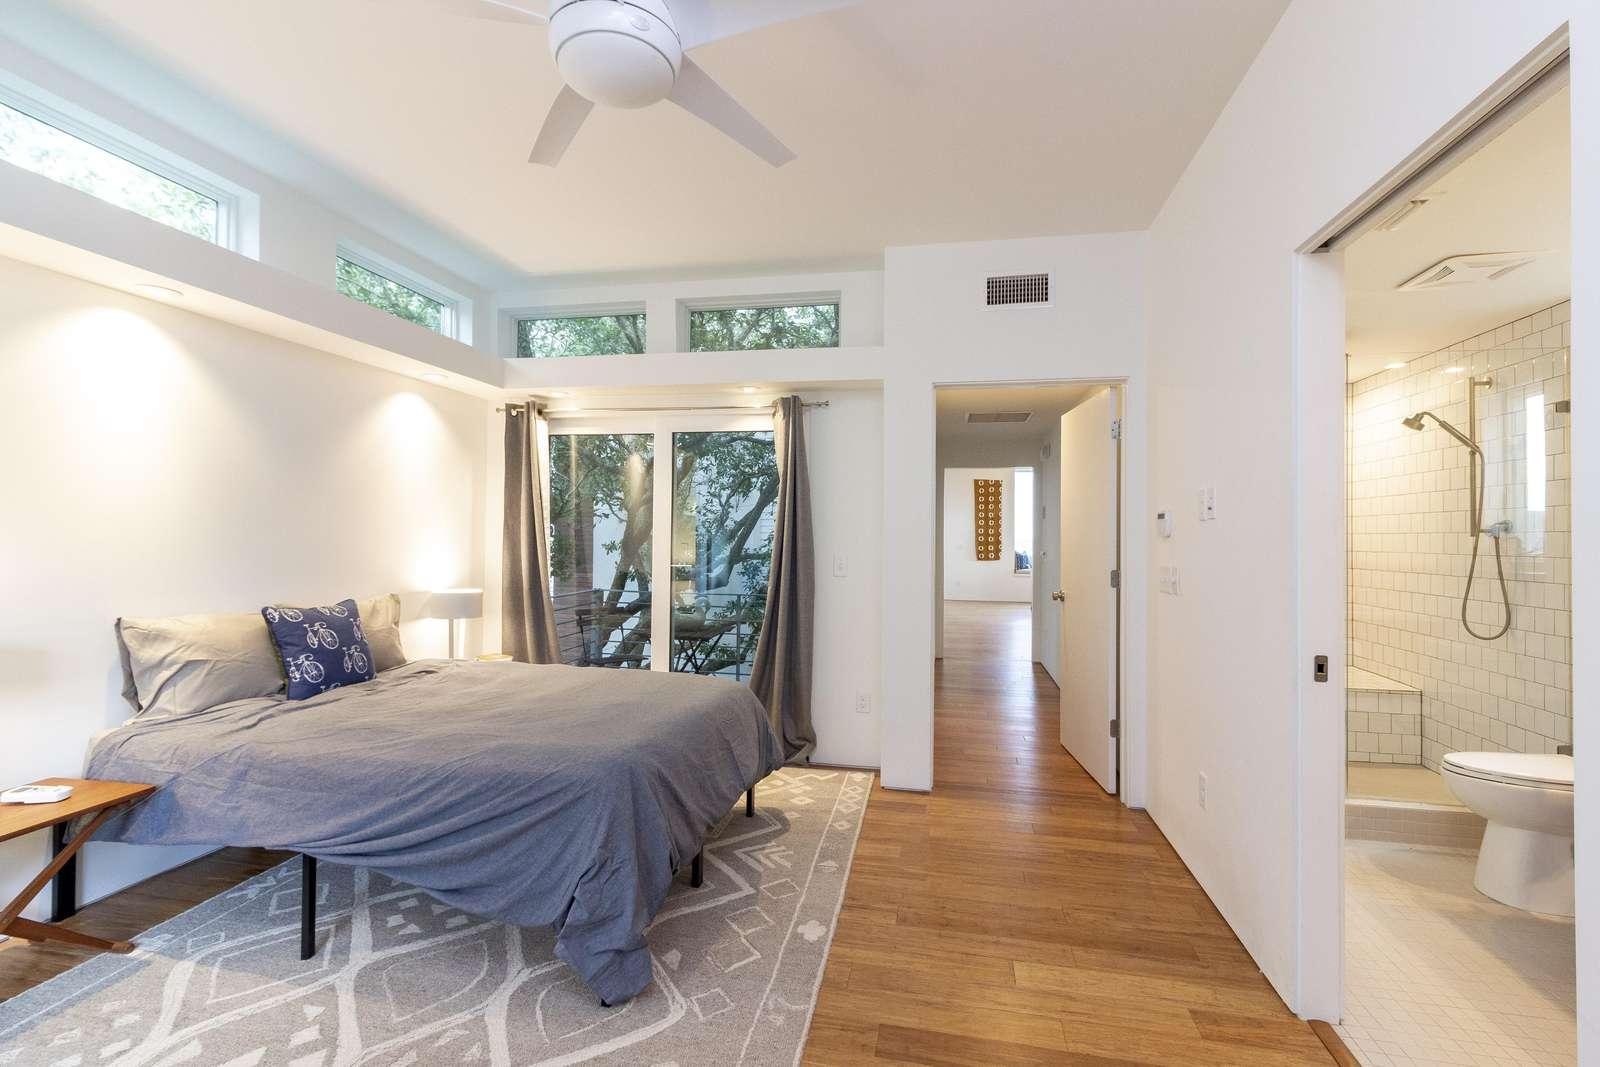 Master Bedroom with En'Suite Bath